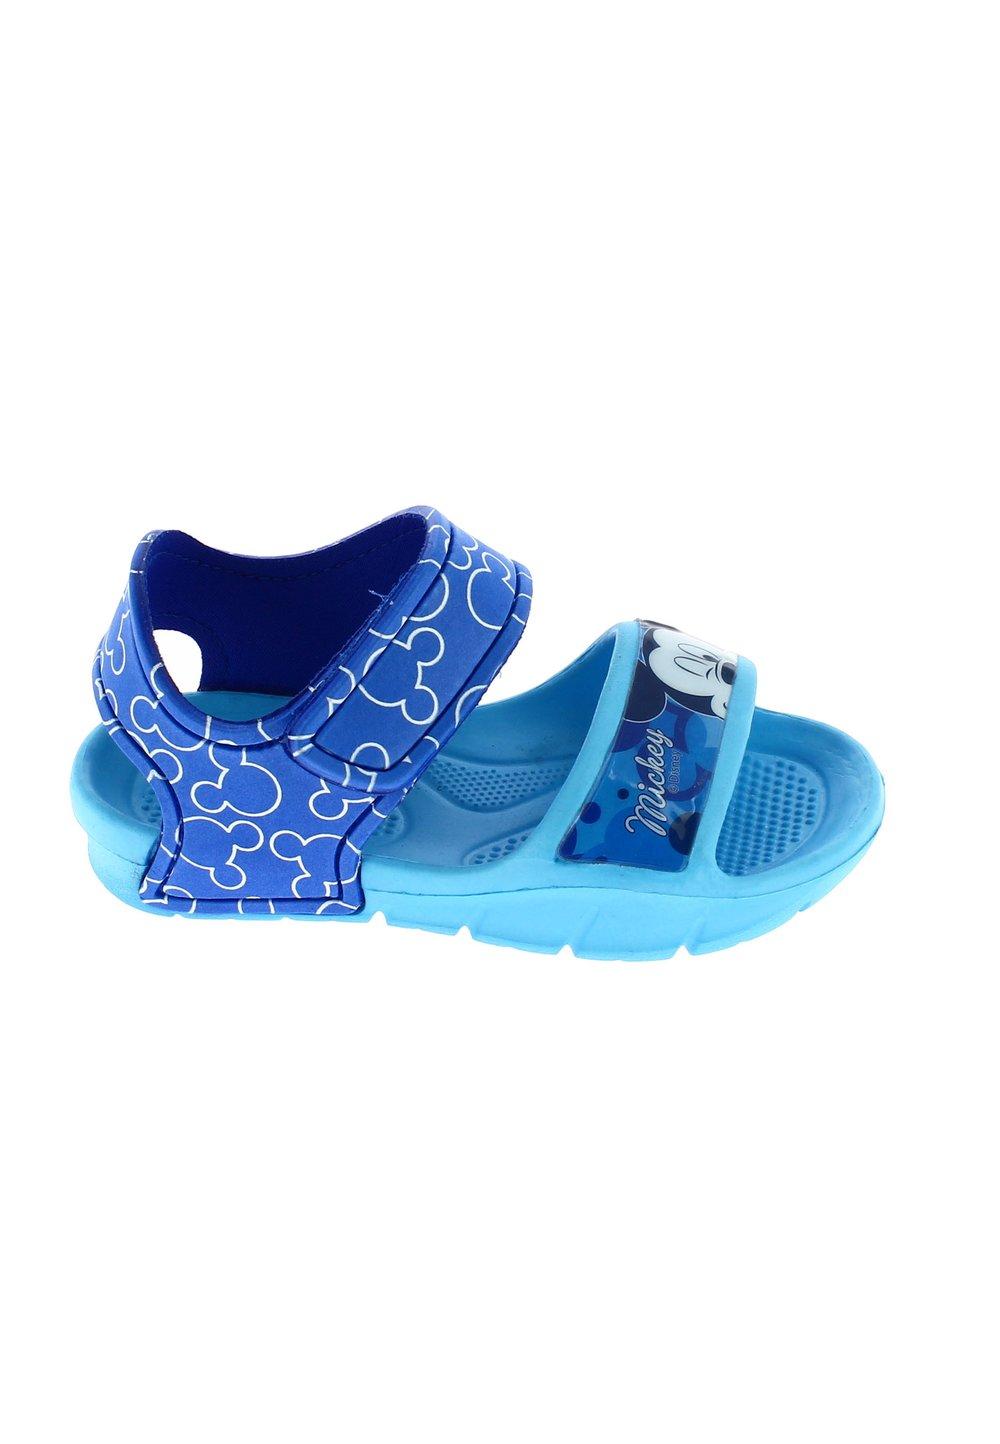 Sandale, Mickey Mouse, albastru deschis imagine